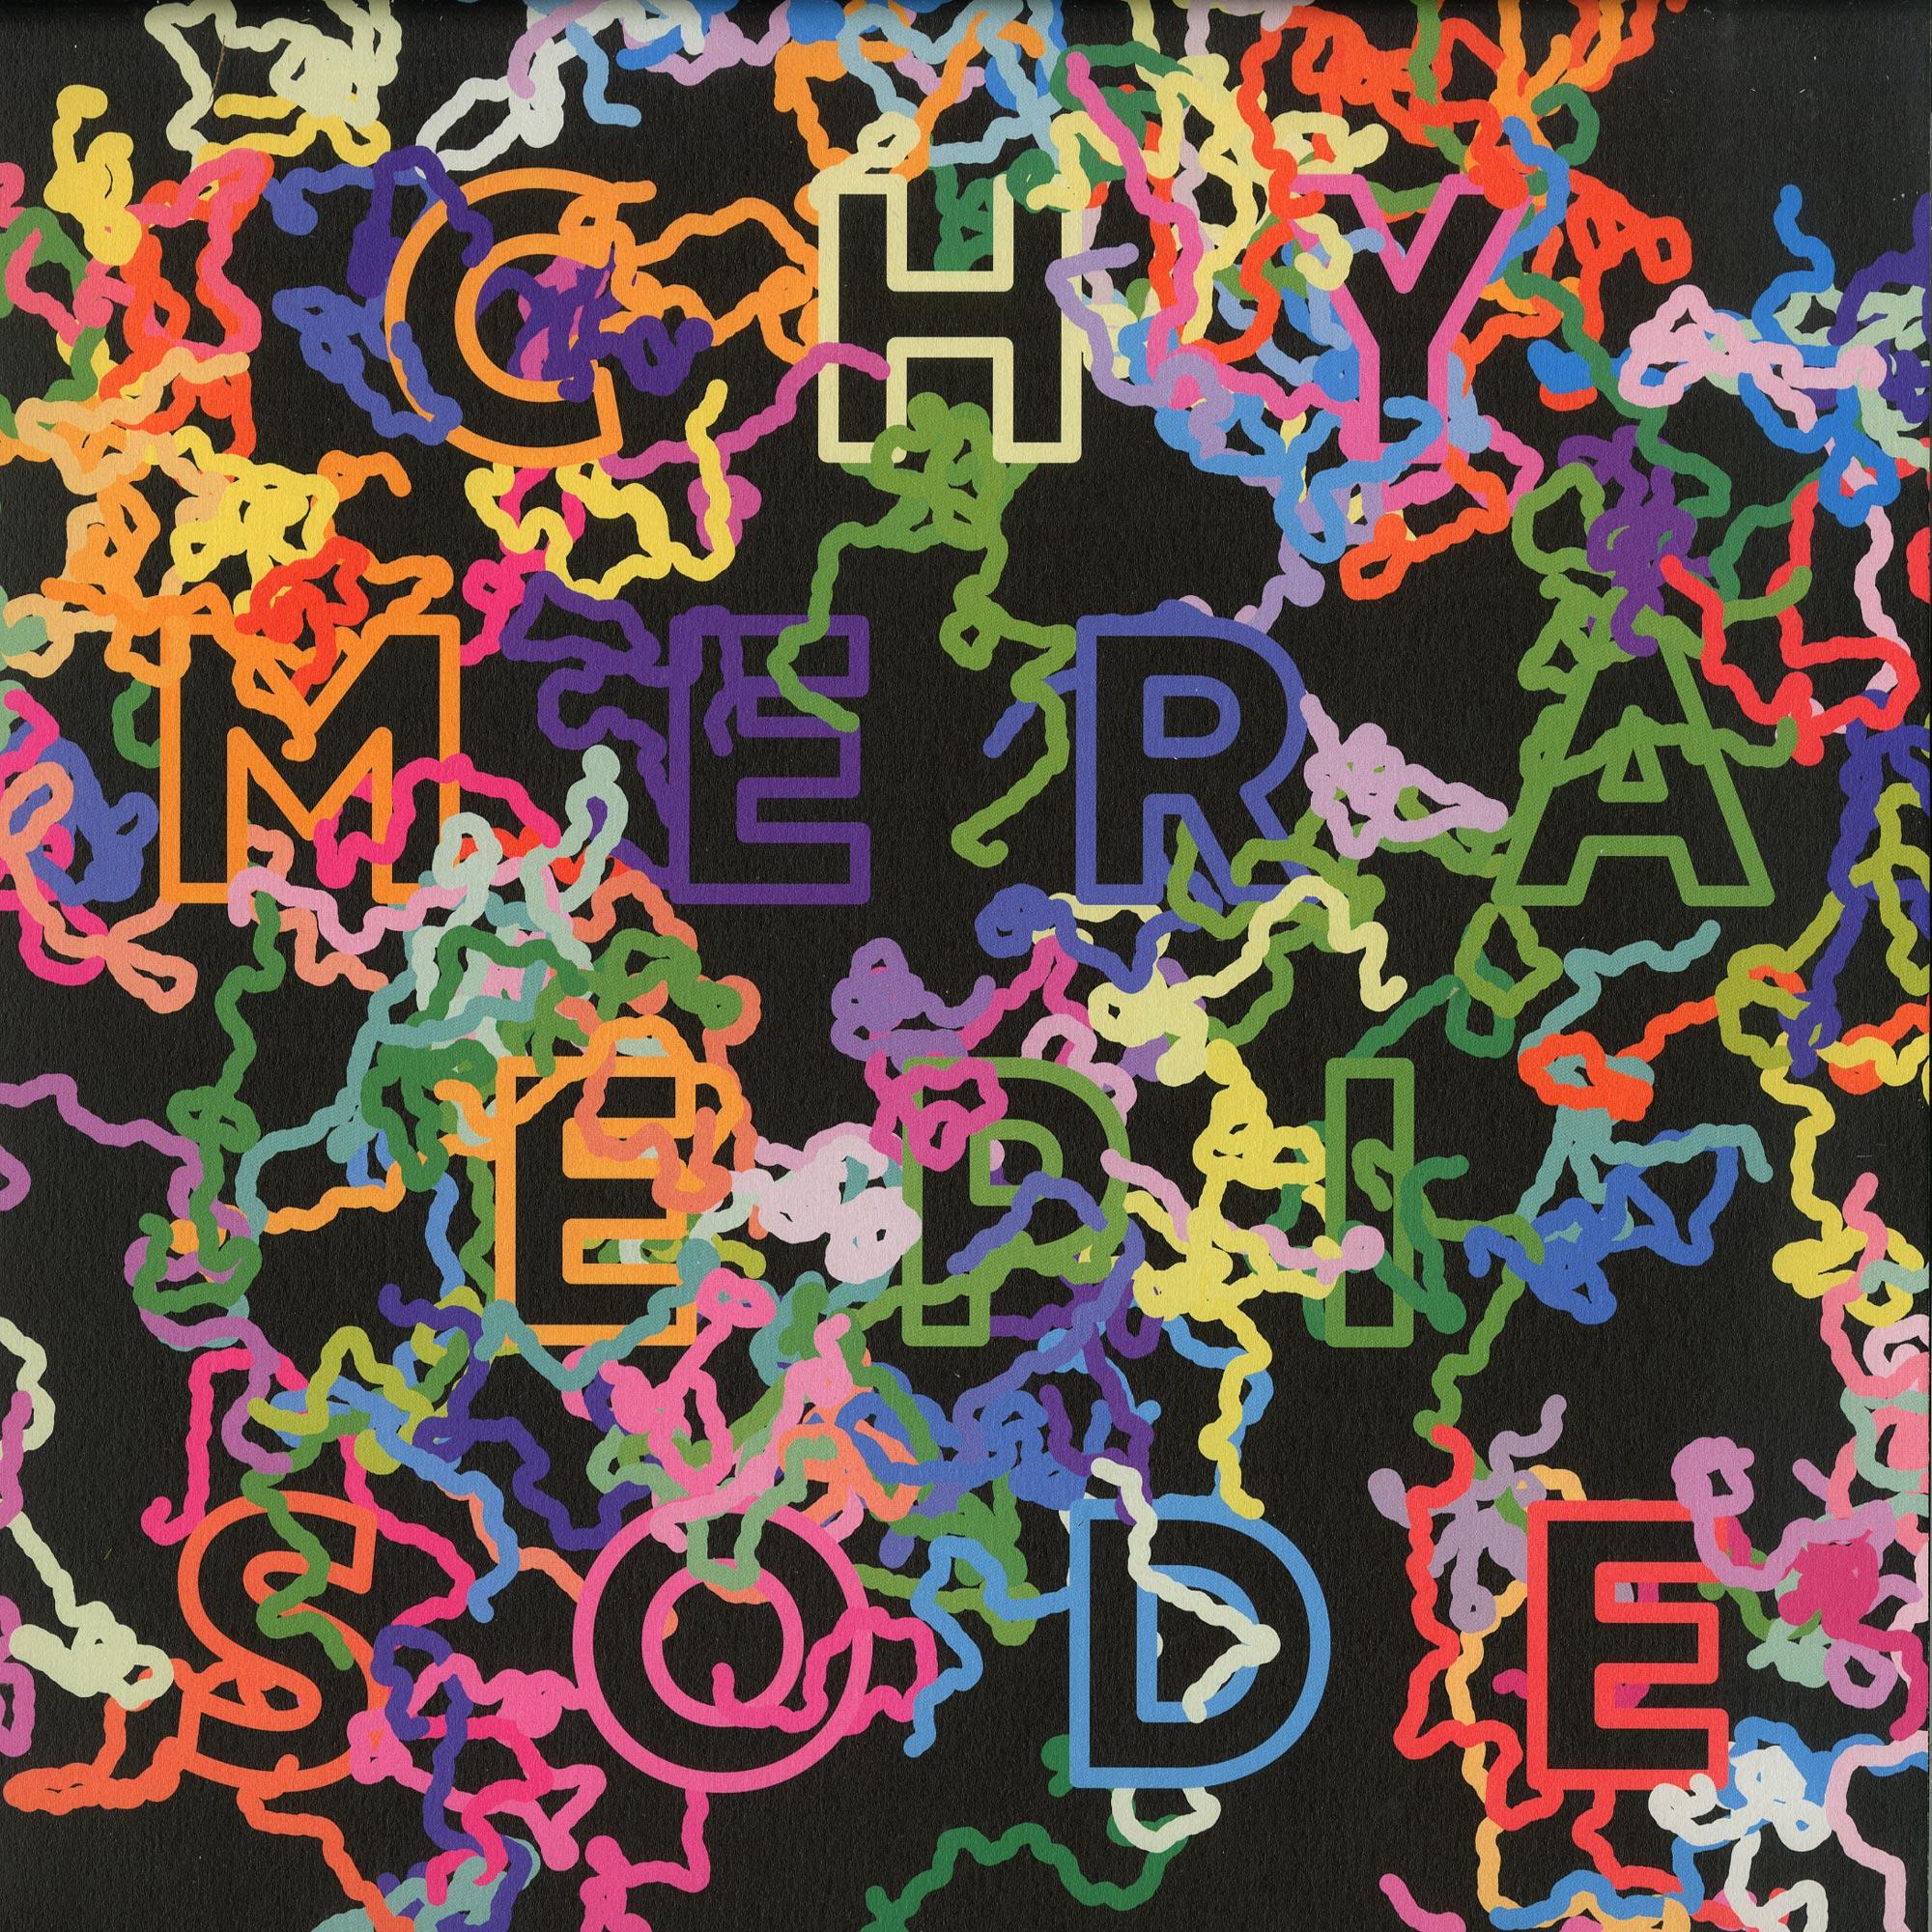 Chymera - EPISODE